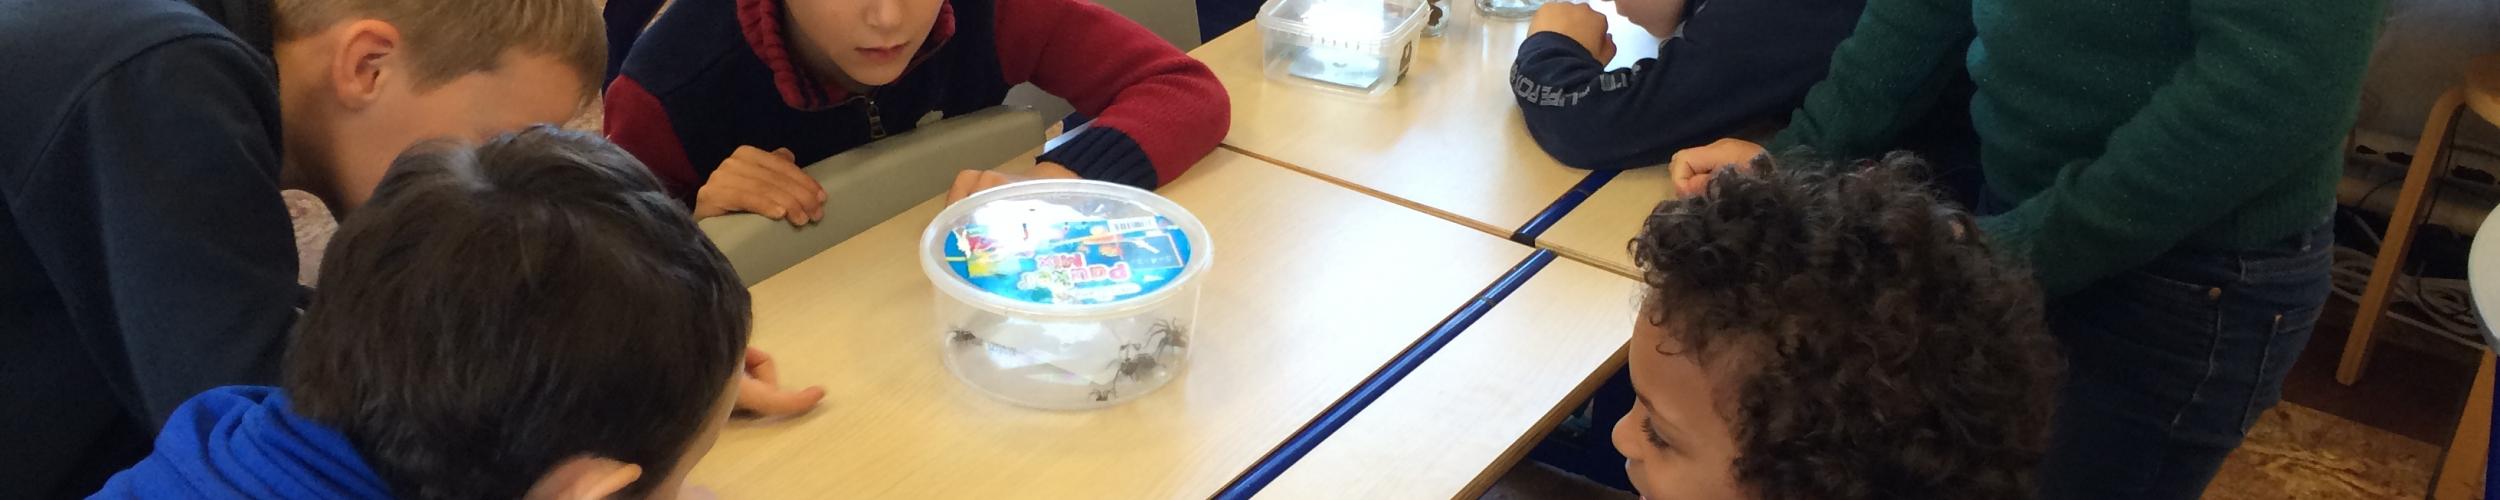 Spinnen in de klas!